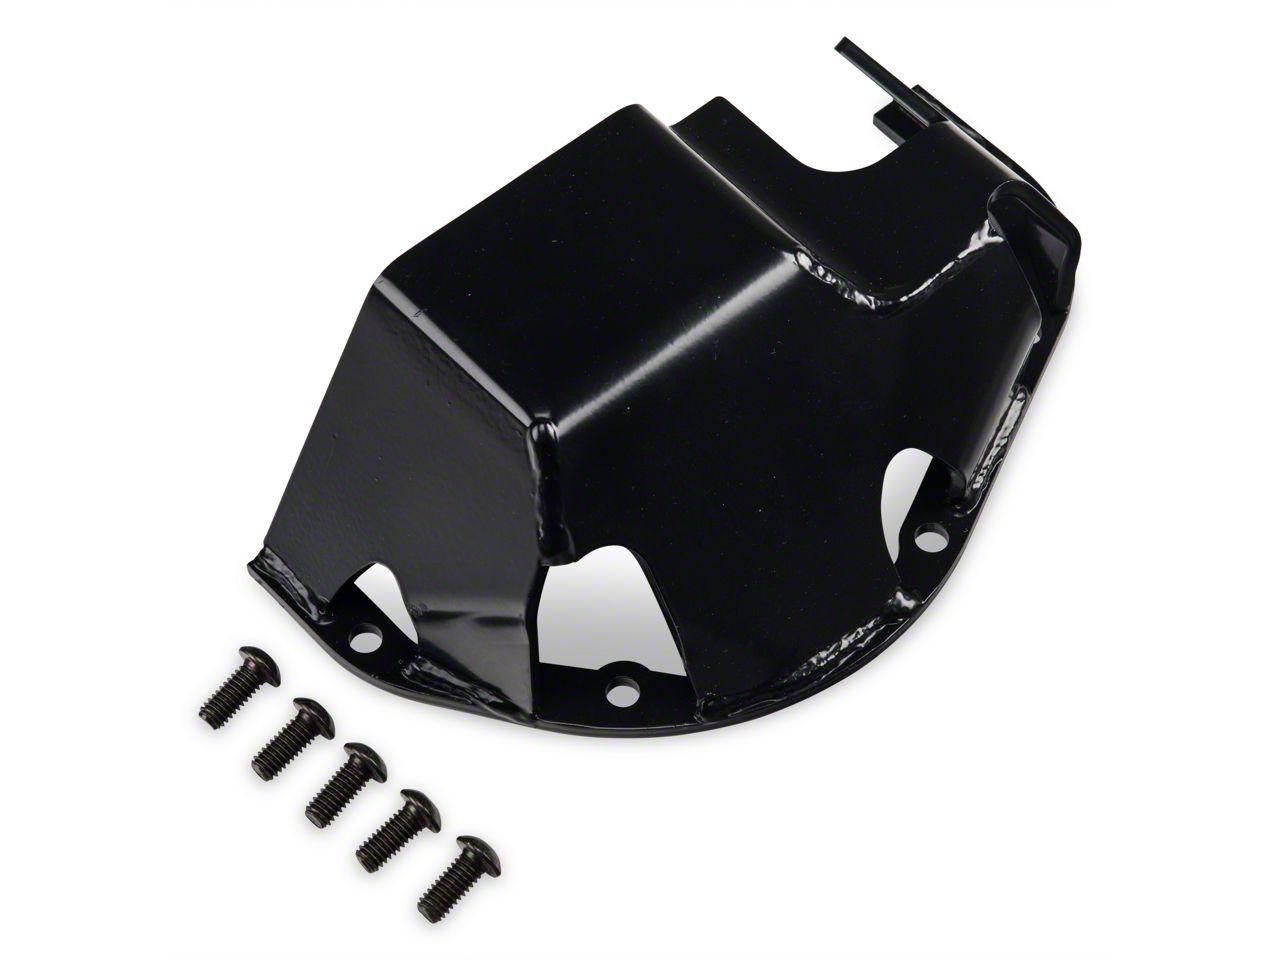 Rugged Ridge Dana 44 Differential Skid Plate - Black (87-18 Jeep Wrangler YJ, TJ & JK)